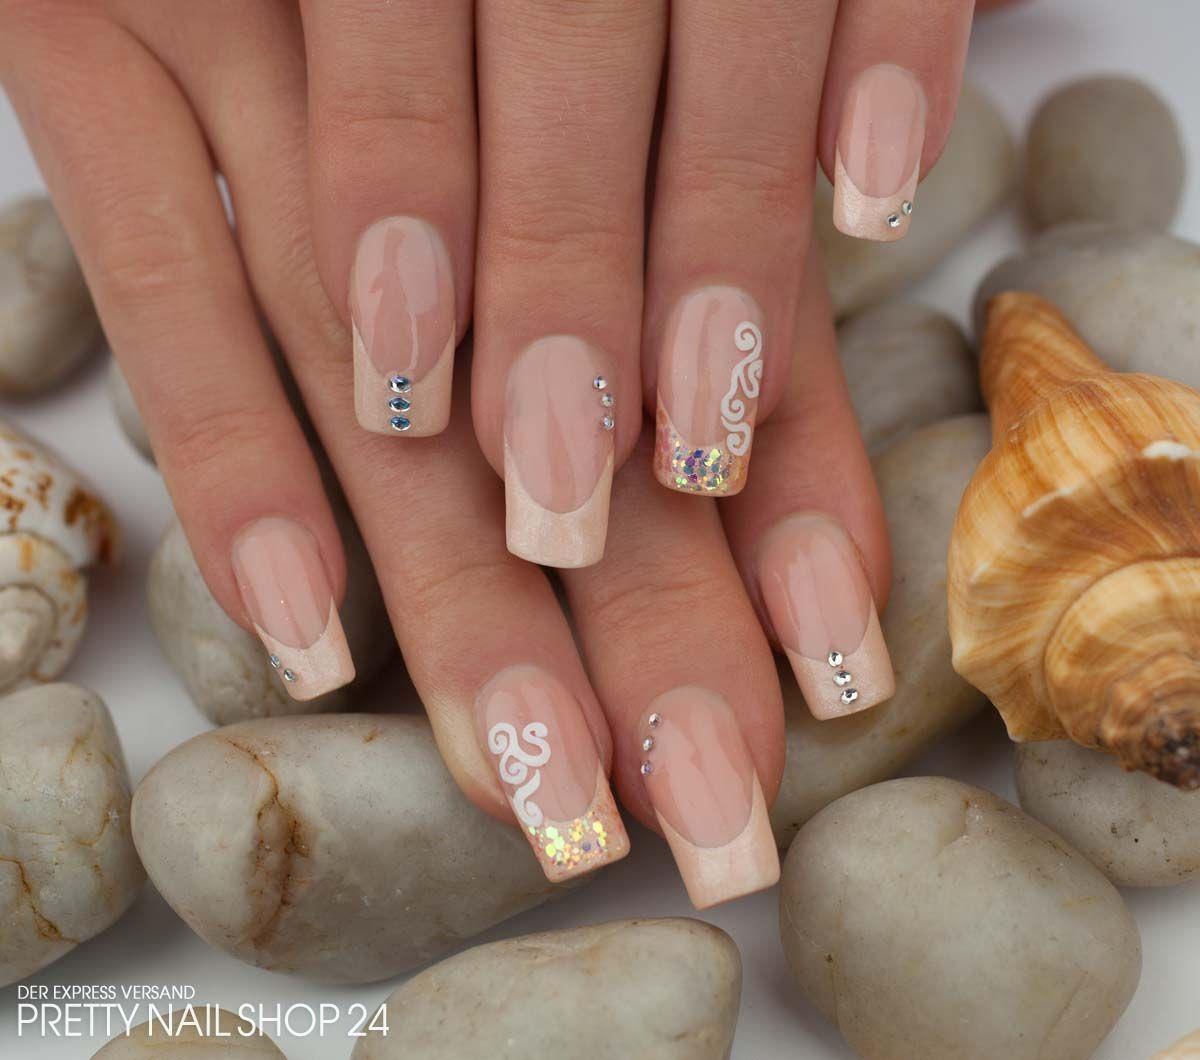 nails #nailart #pastell #uvgel Sommerliche Nägel hat sich meine ...